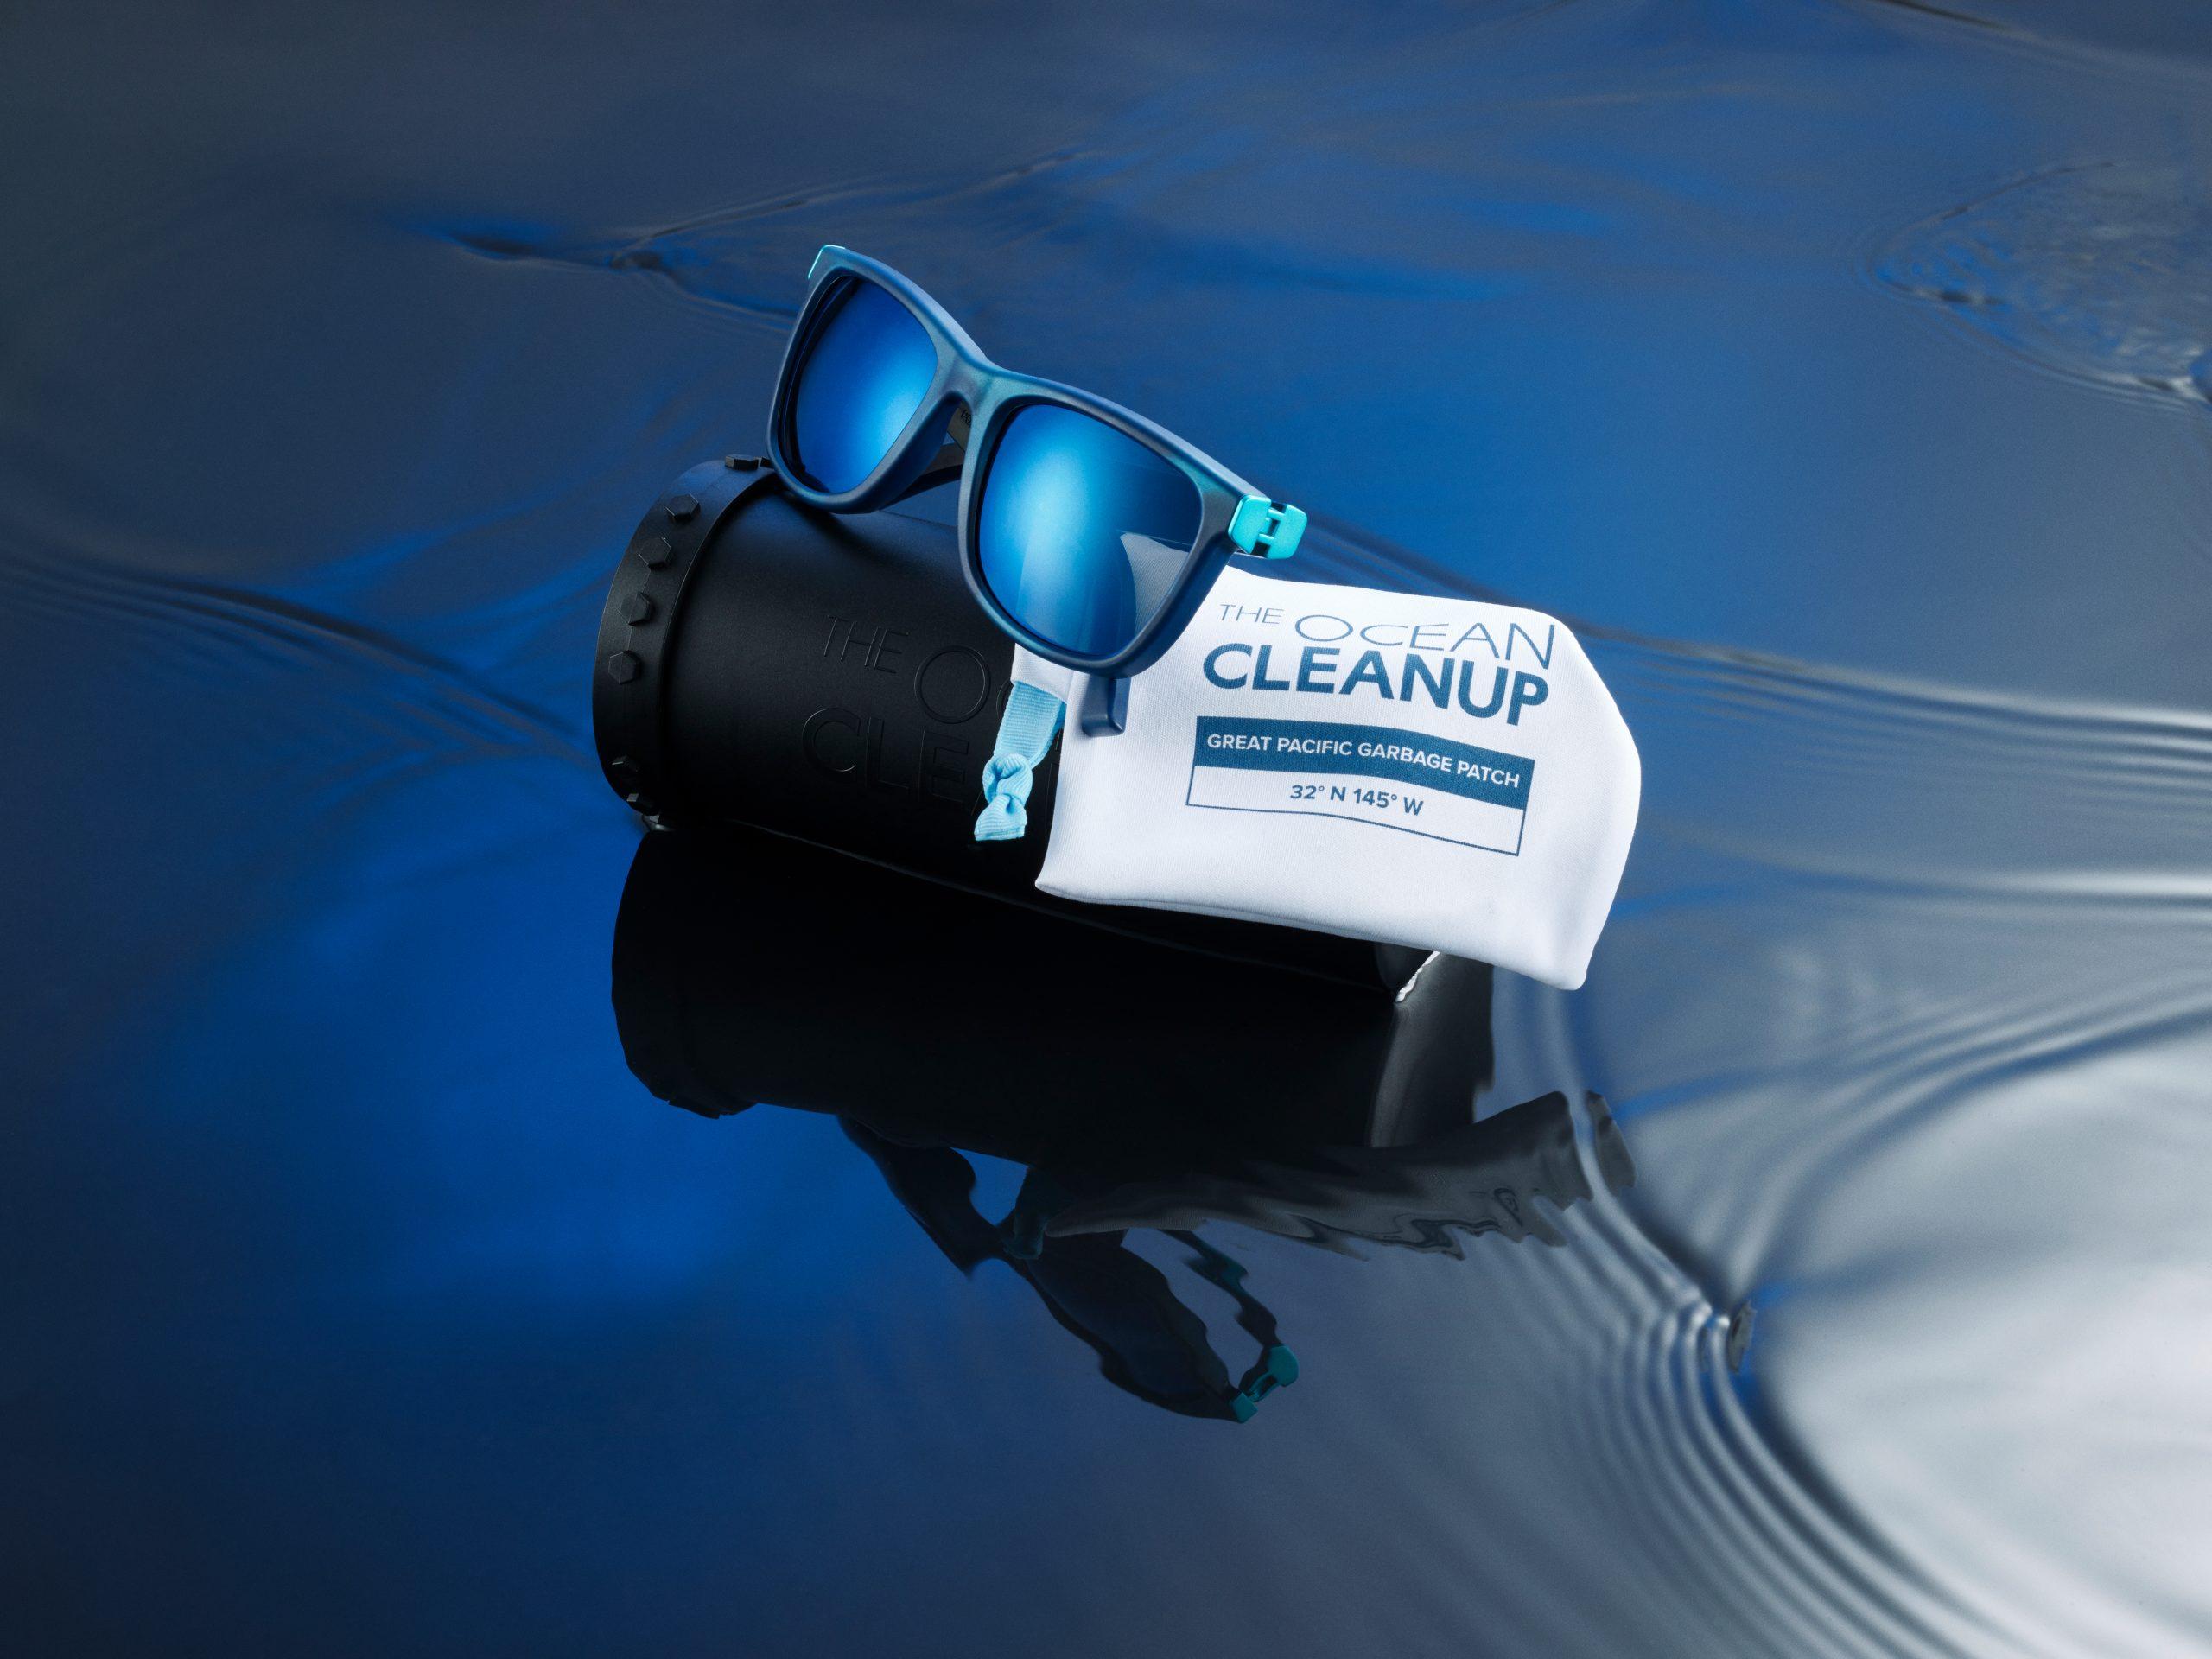 Pierwszy produkt wykonany z plastiku posiadającego certyfikat Great Pacific Garbage Patch od The Ocean Cleanup